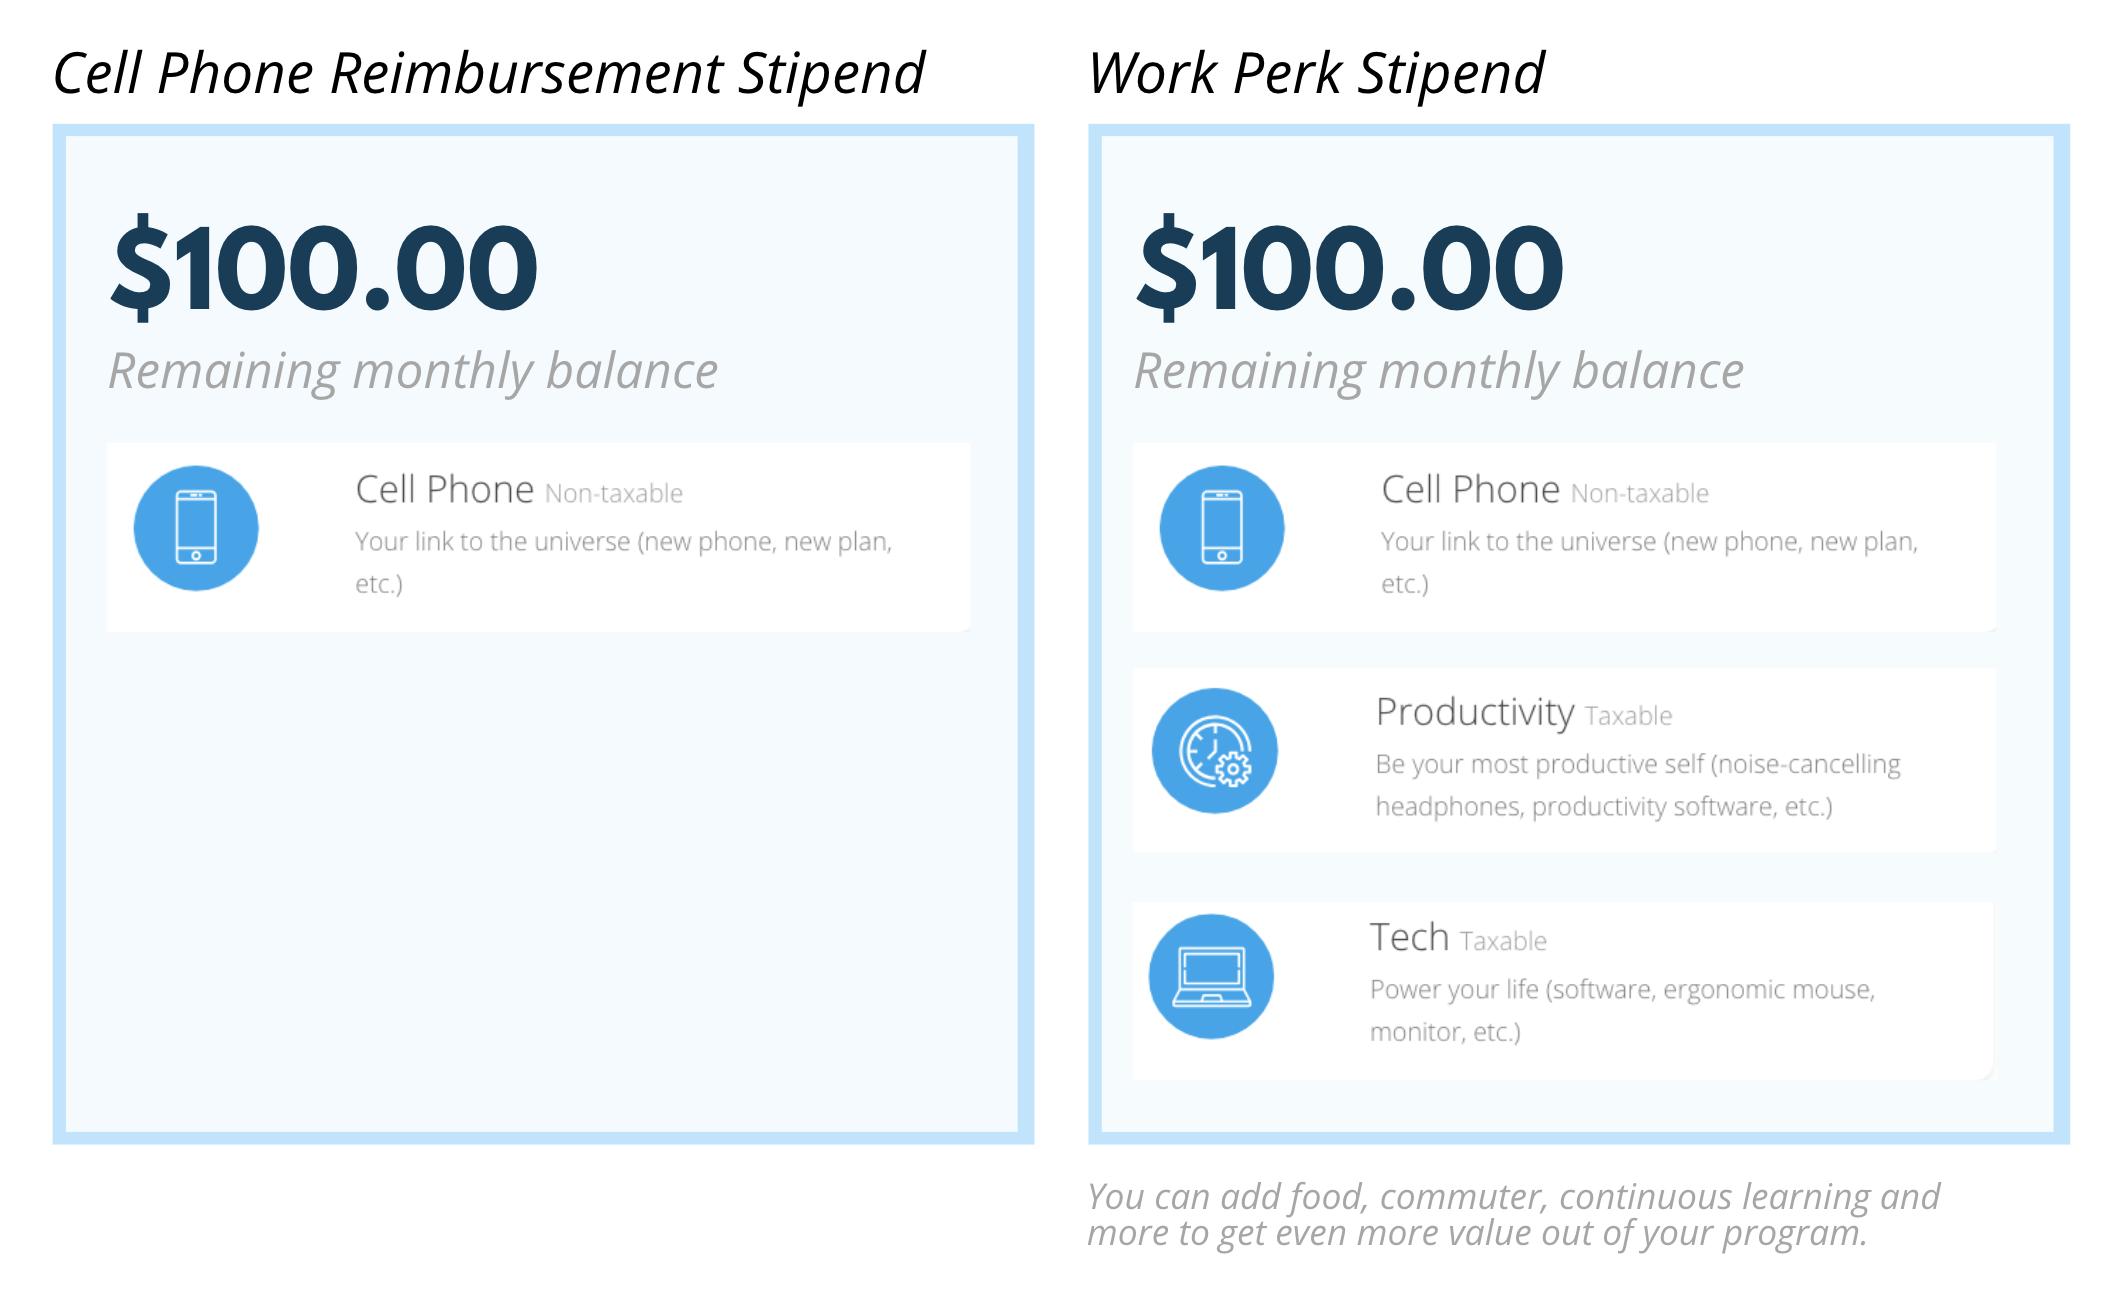 cell phone reimbursement stipend options